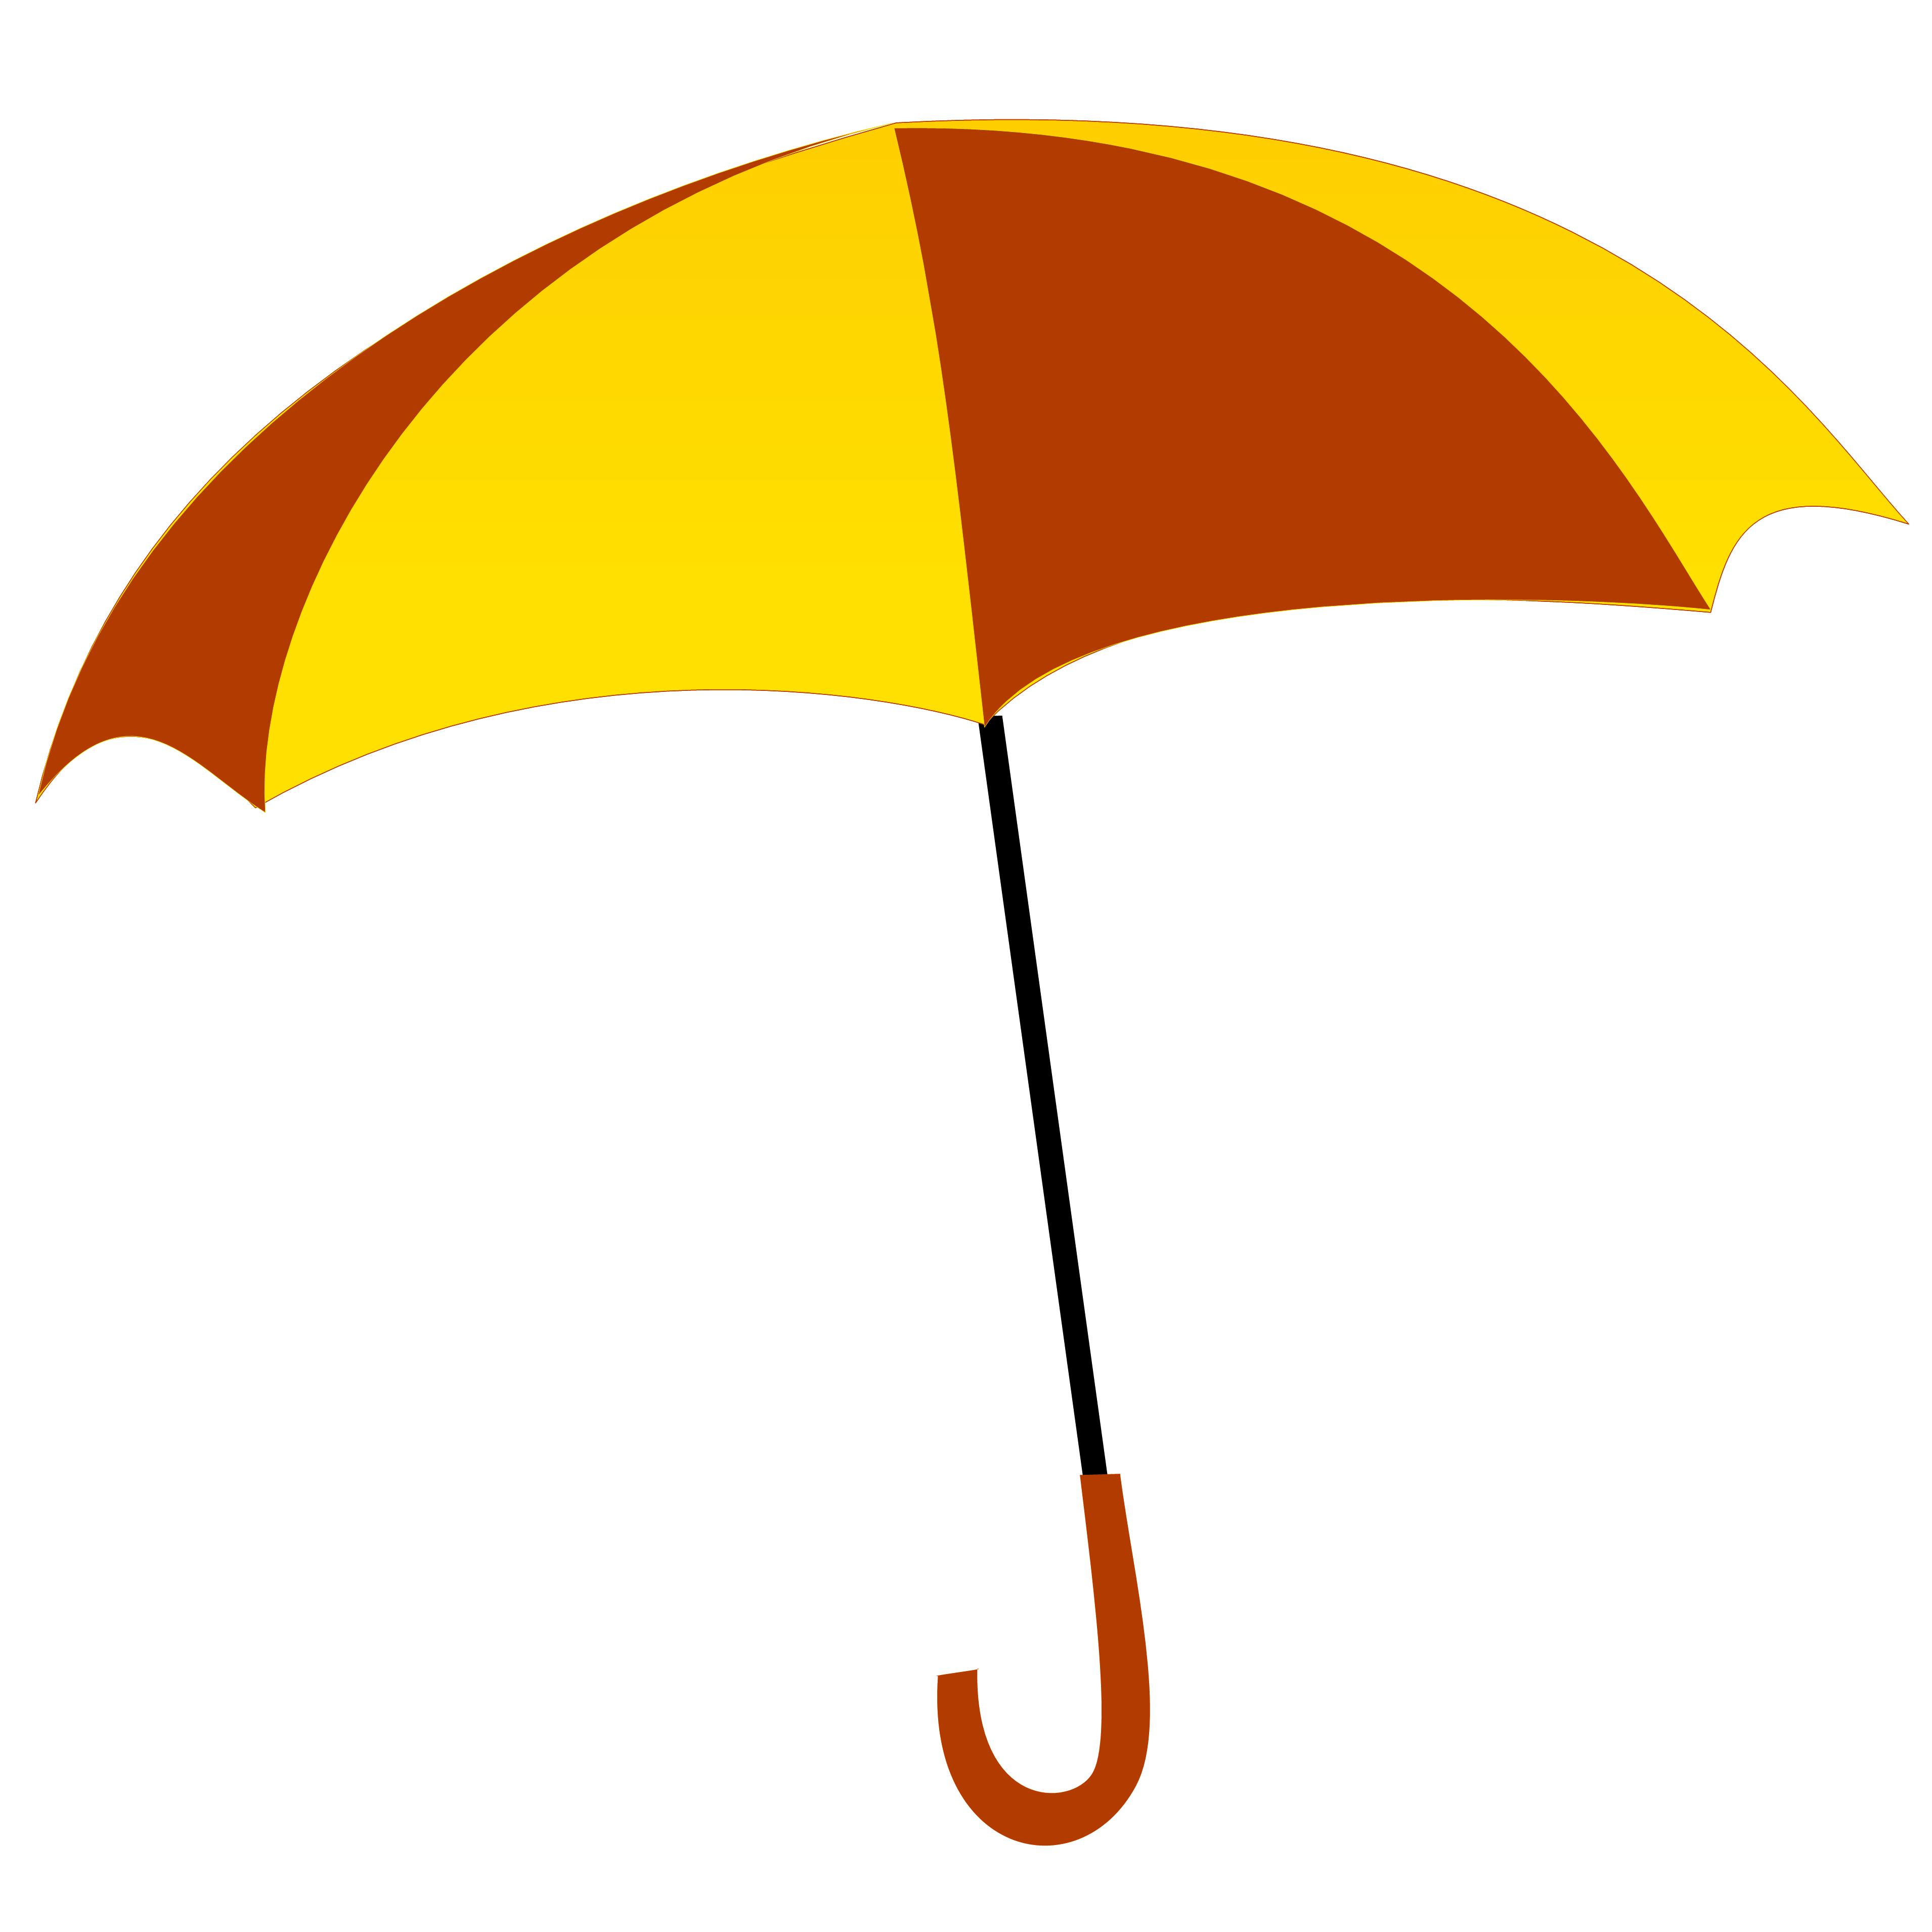 3820x3820 Umbrella Png Transparent Image